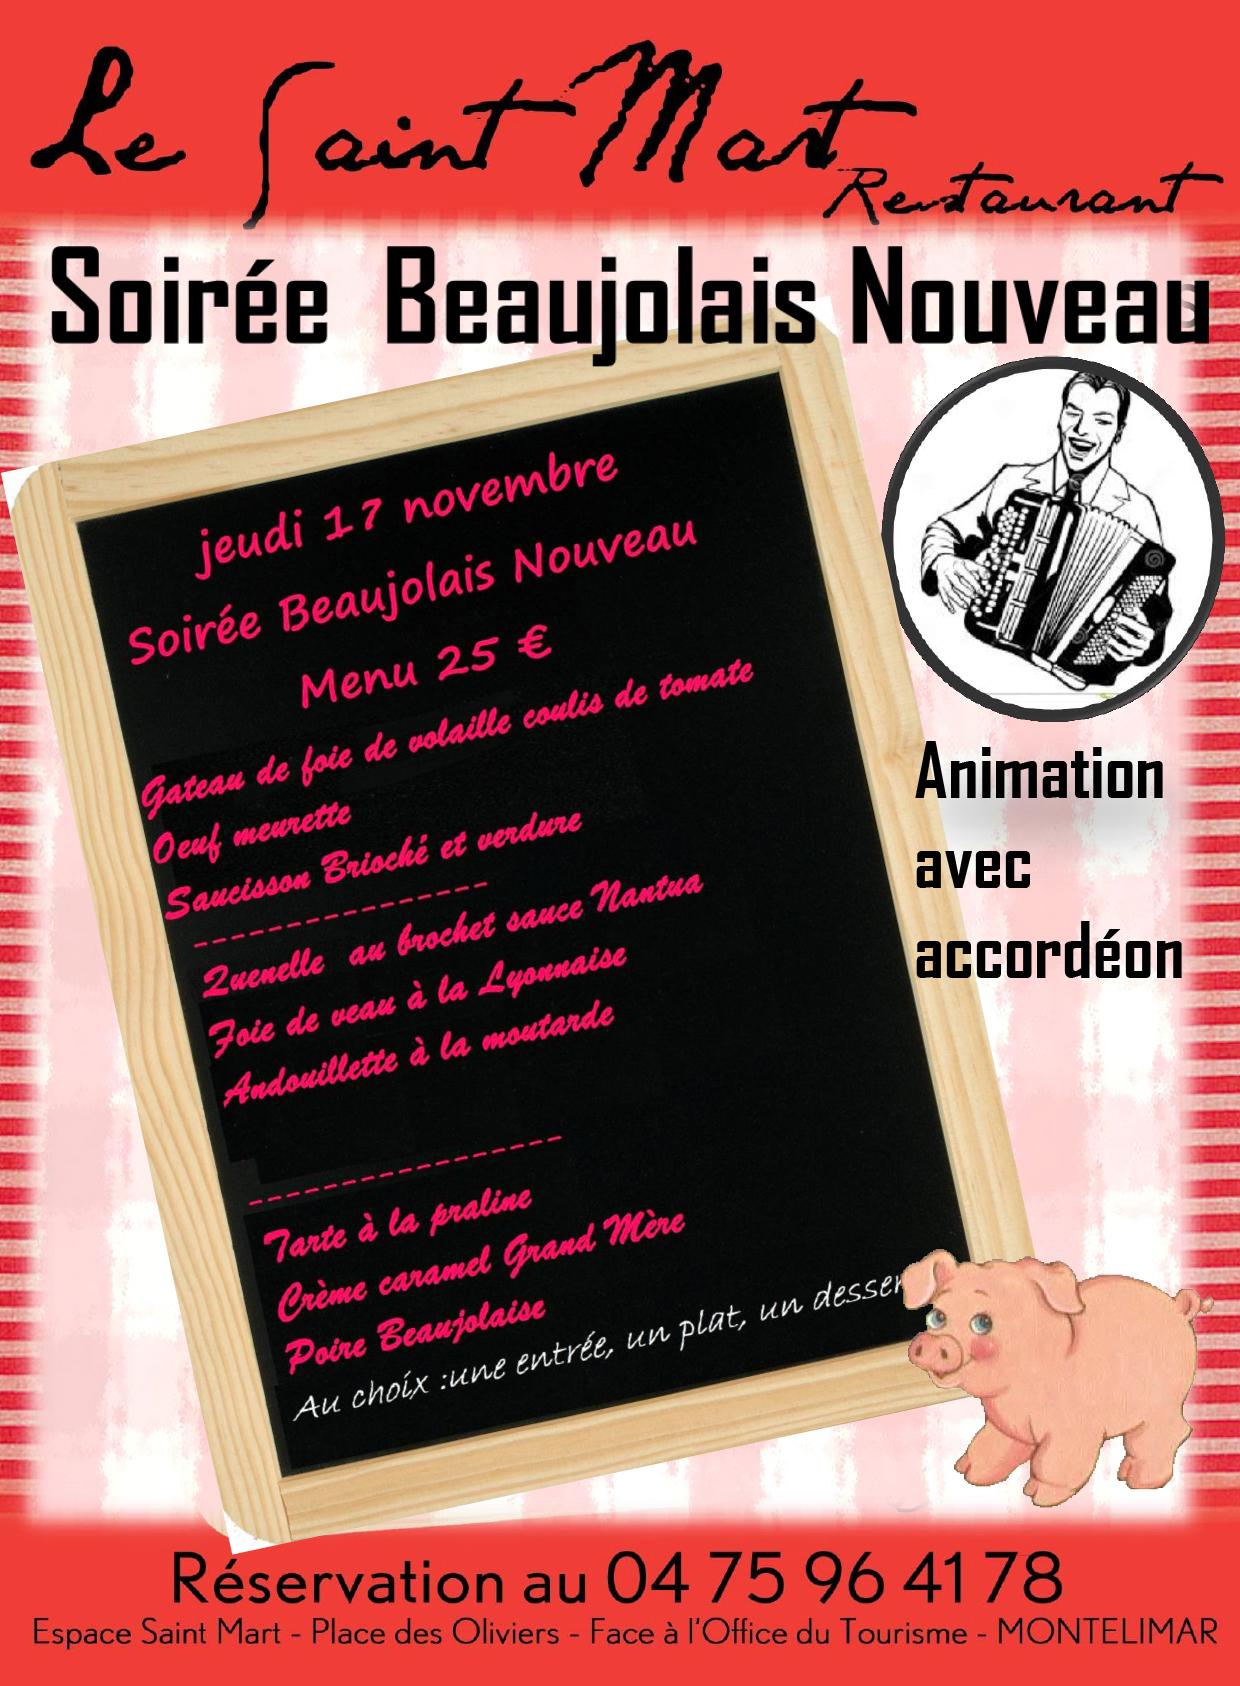 Venez célébrer le Beaujolais Nouveau, au restaurant le Saint-Mart à Montélimar dans la Drôme